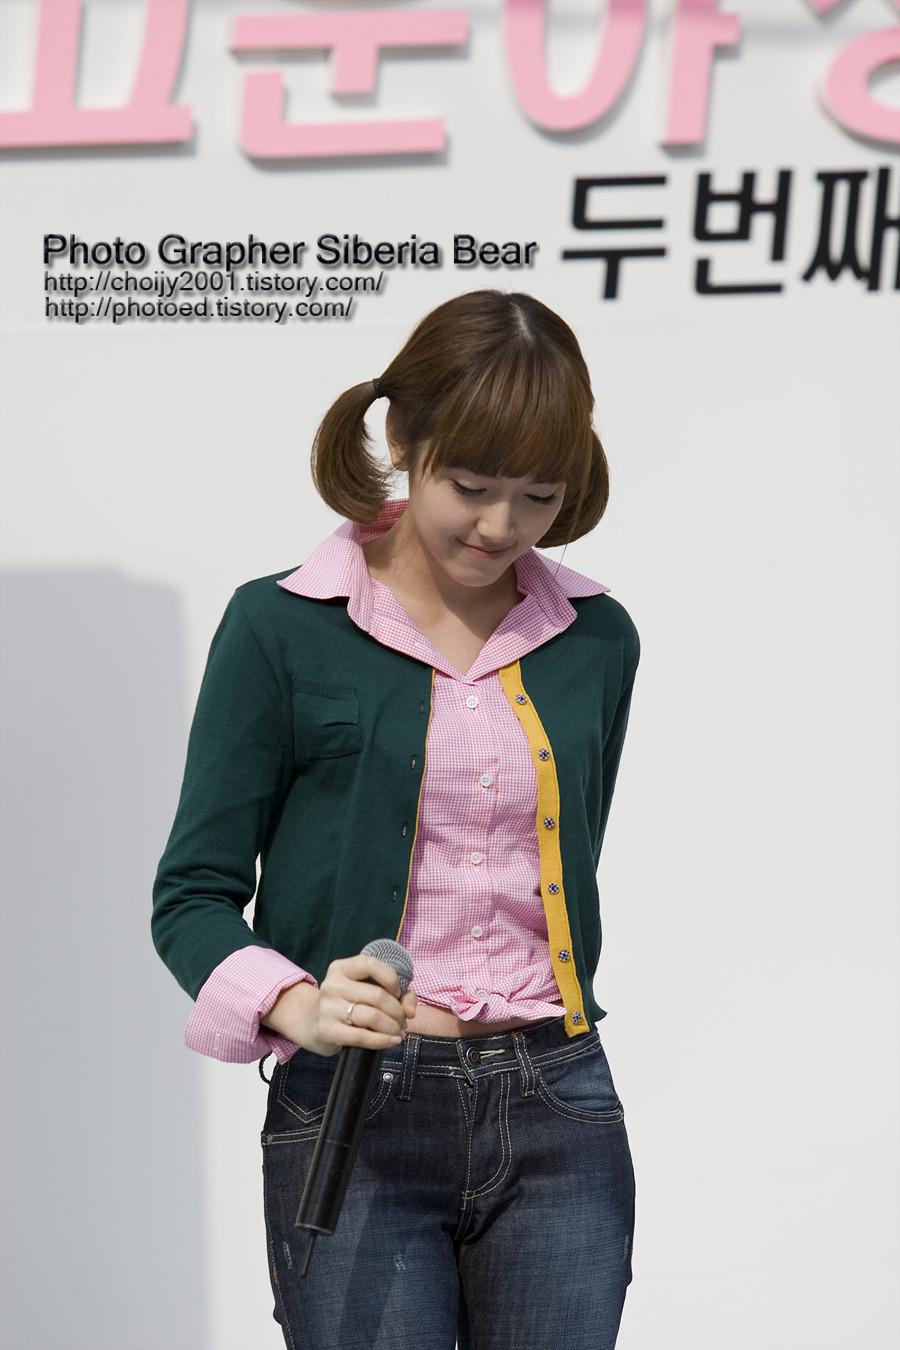 090426 청양고운식물원 공연~!!